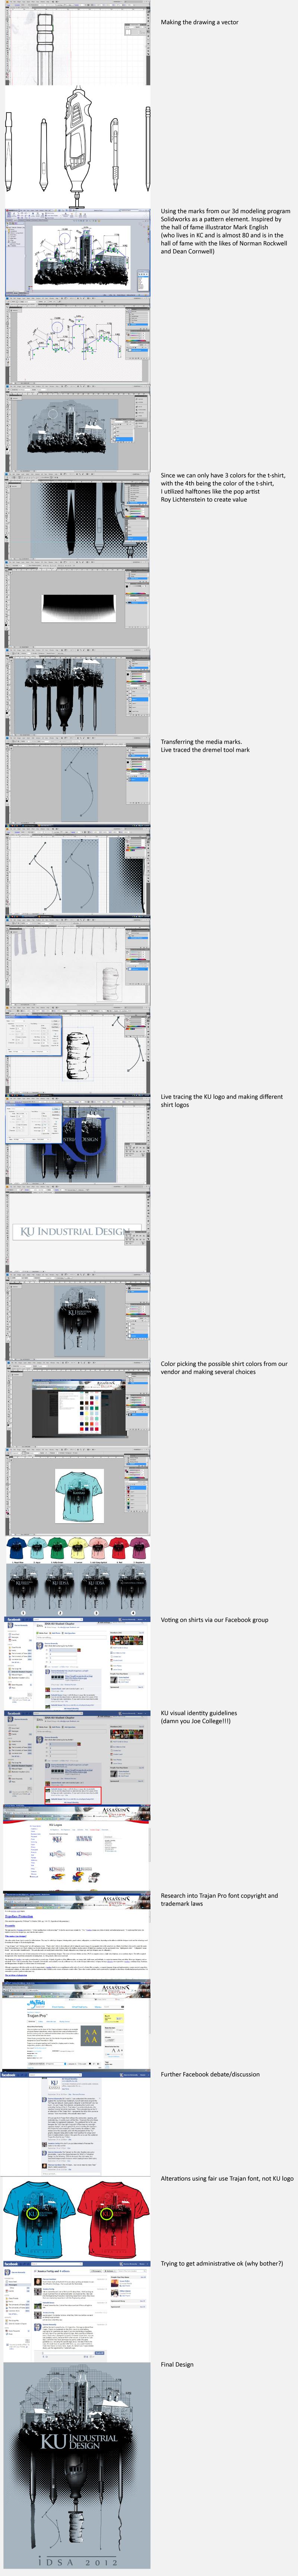 2012 KU IDSA shirt process 2 by dkdelicious